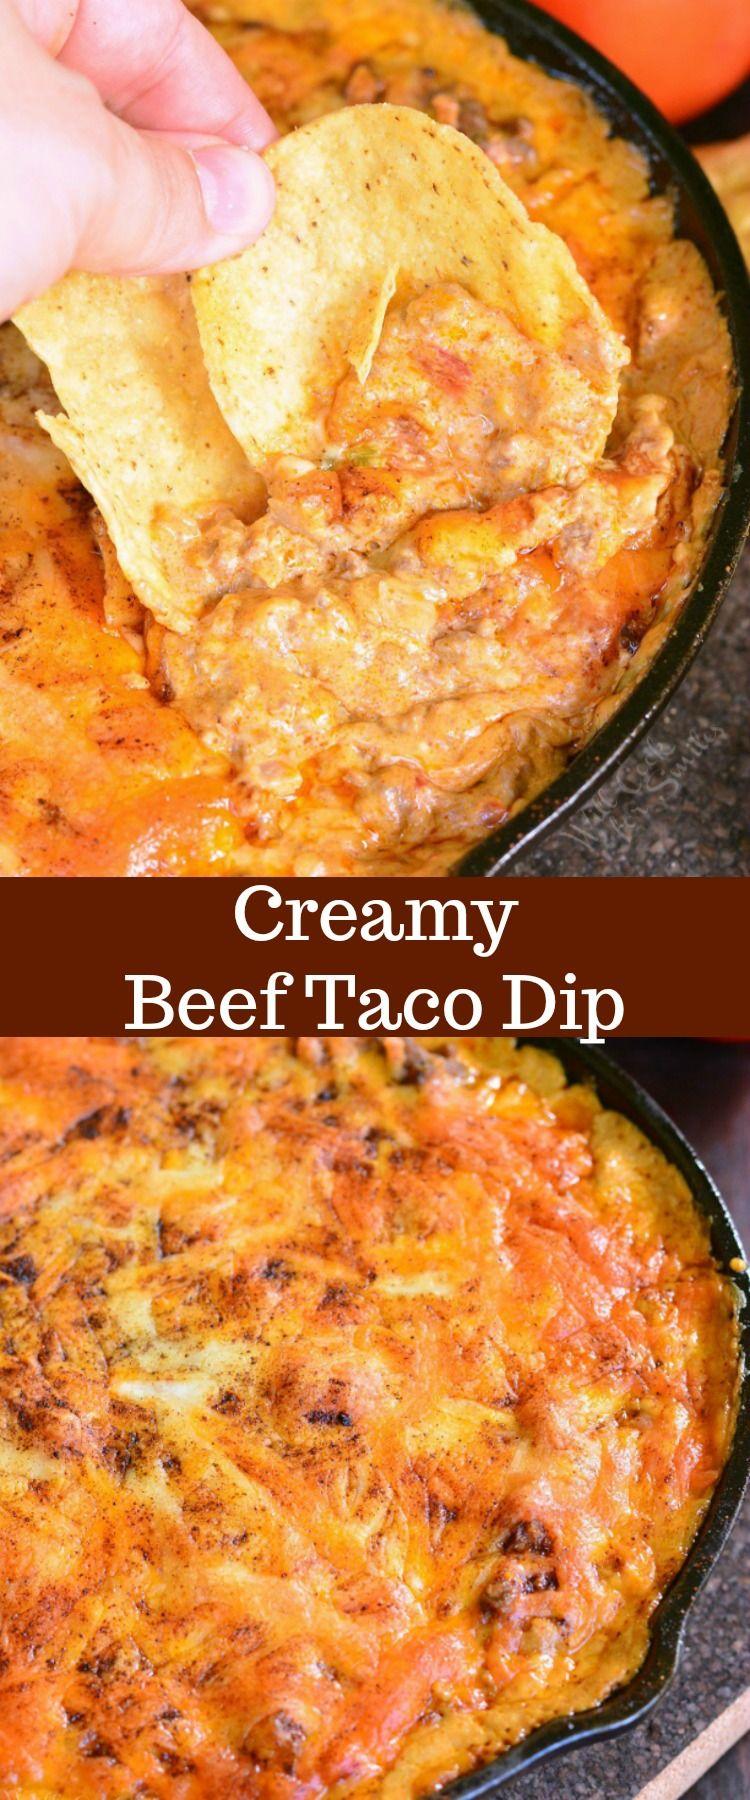 Creamy Beef Taco Dip